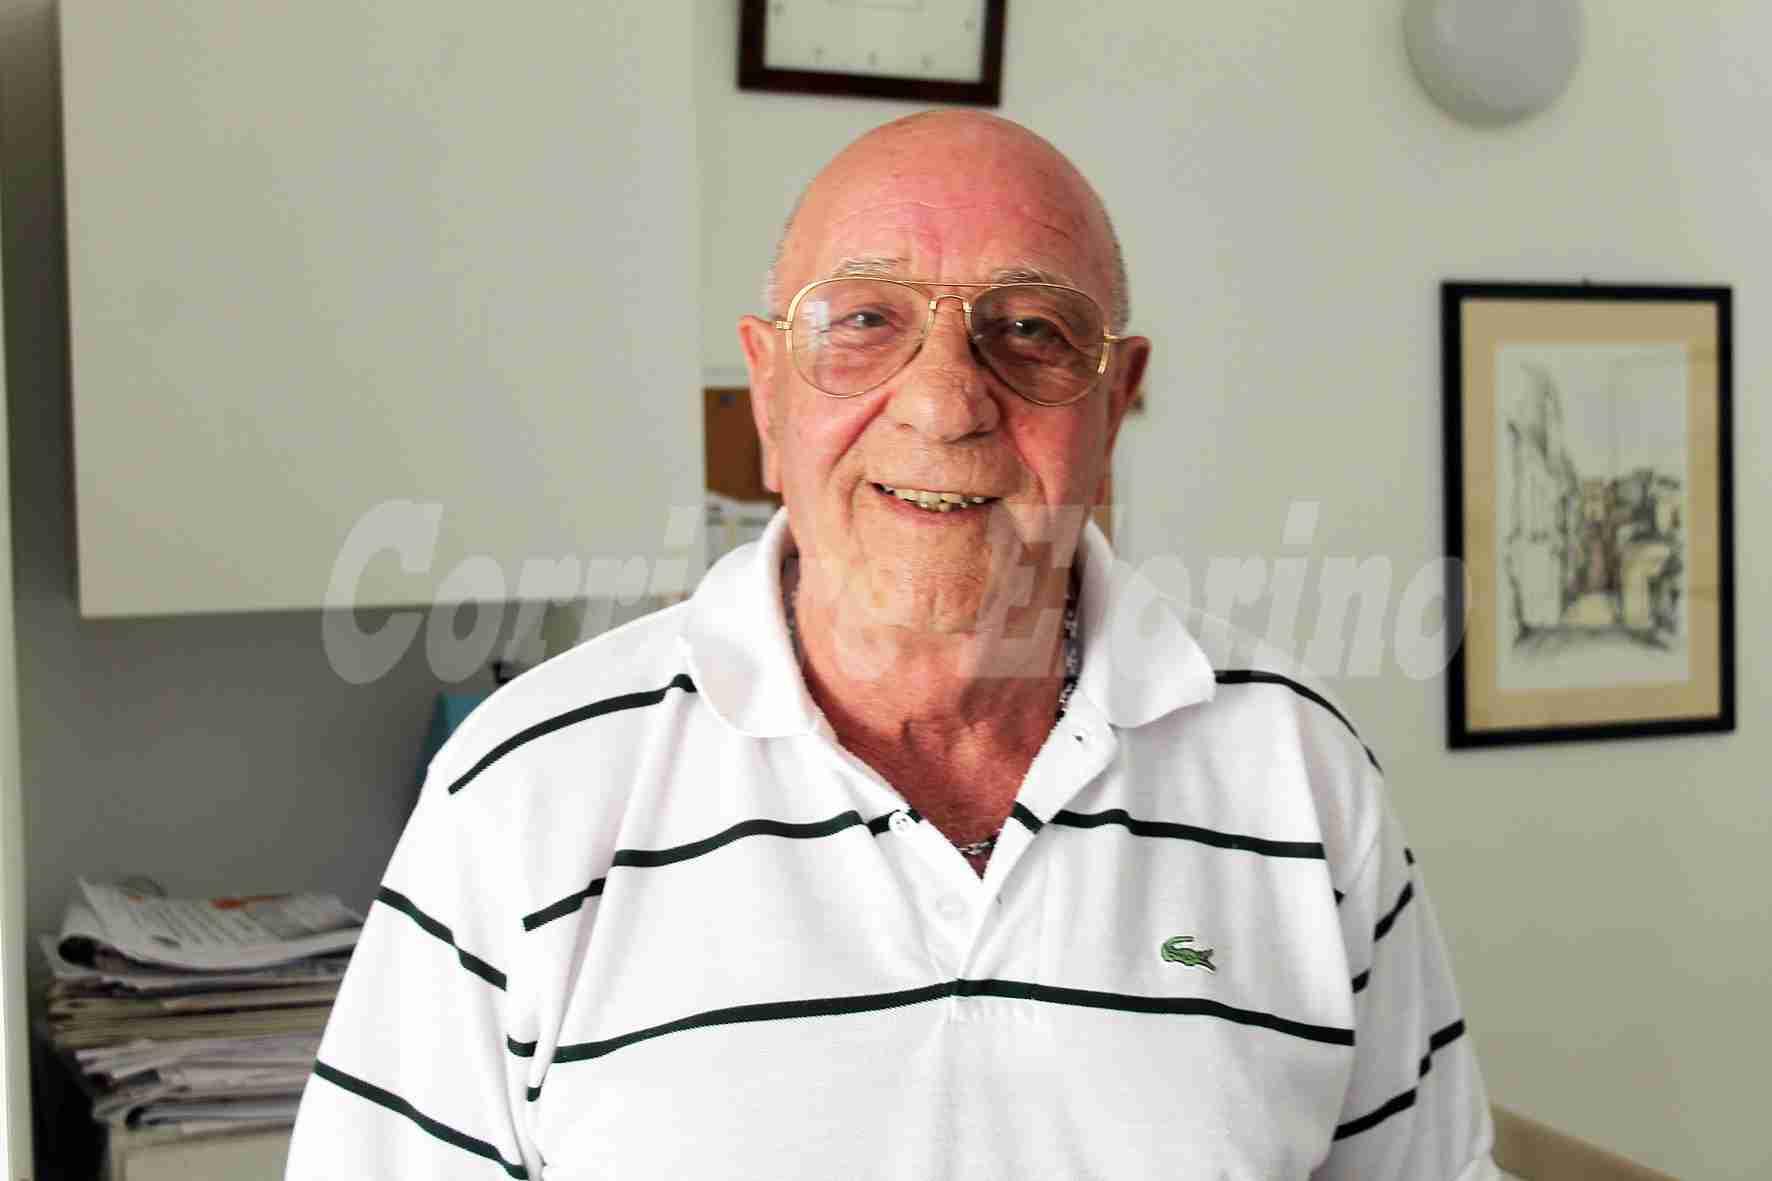 Compie 80 anni e lascia l'Argentina per venire a festeggiarli nella sua Rosolini